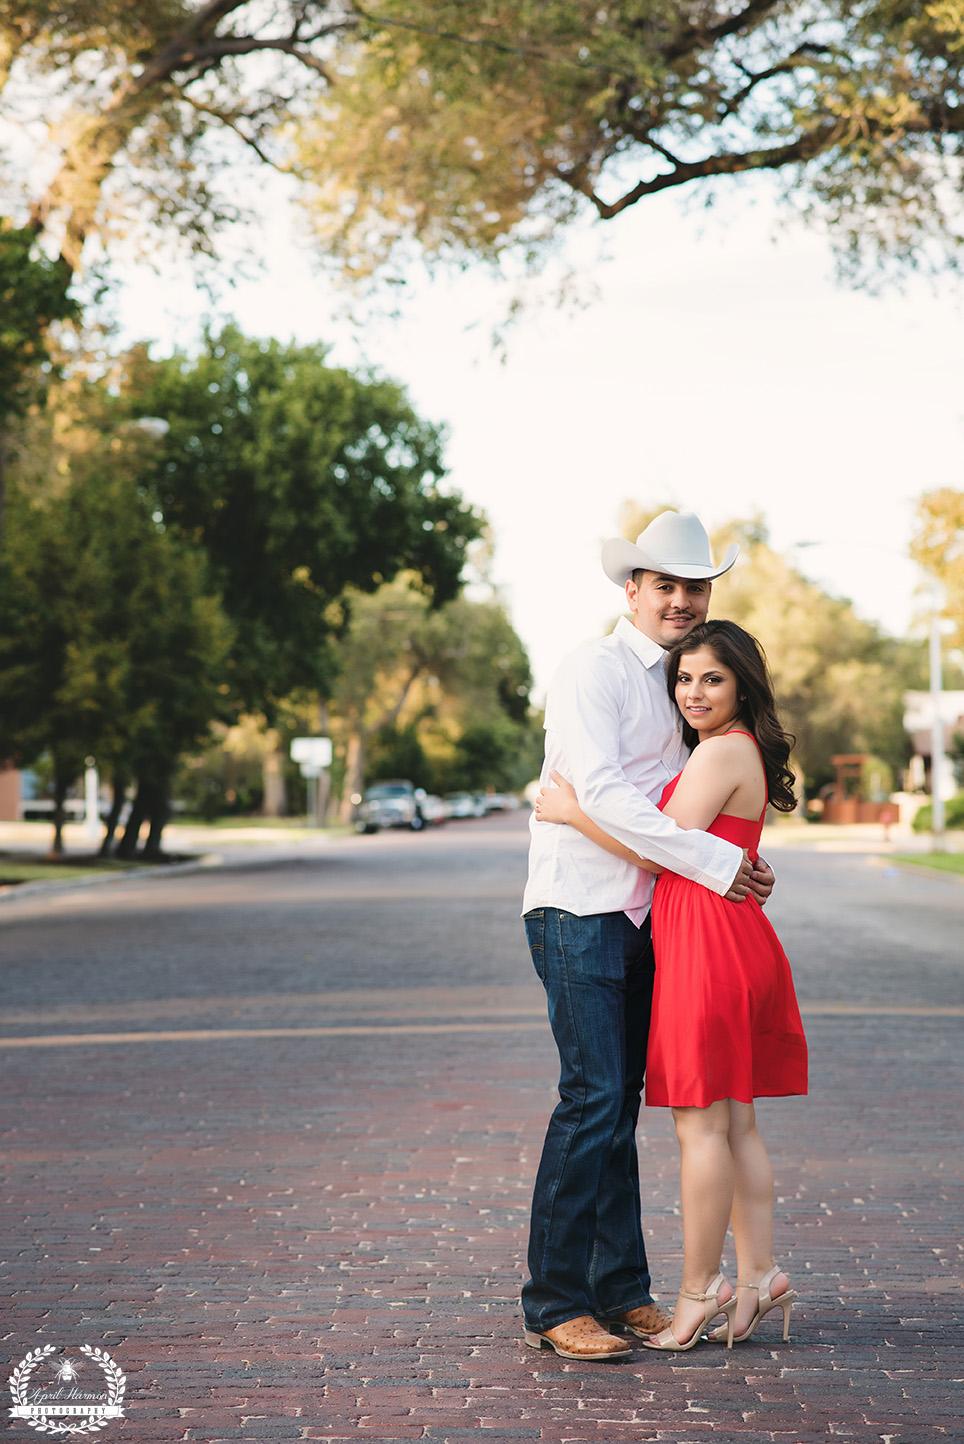 engagement-photography-southwest-ks-19.jpg